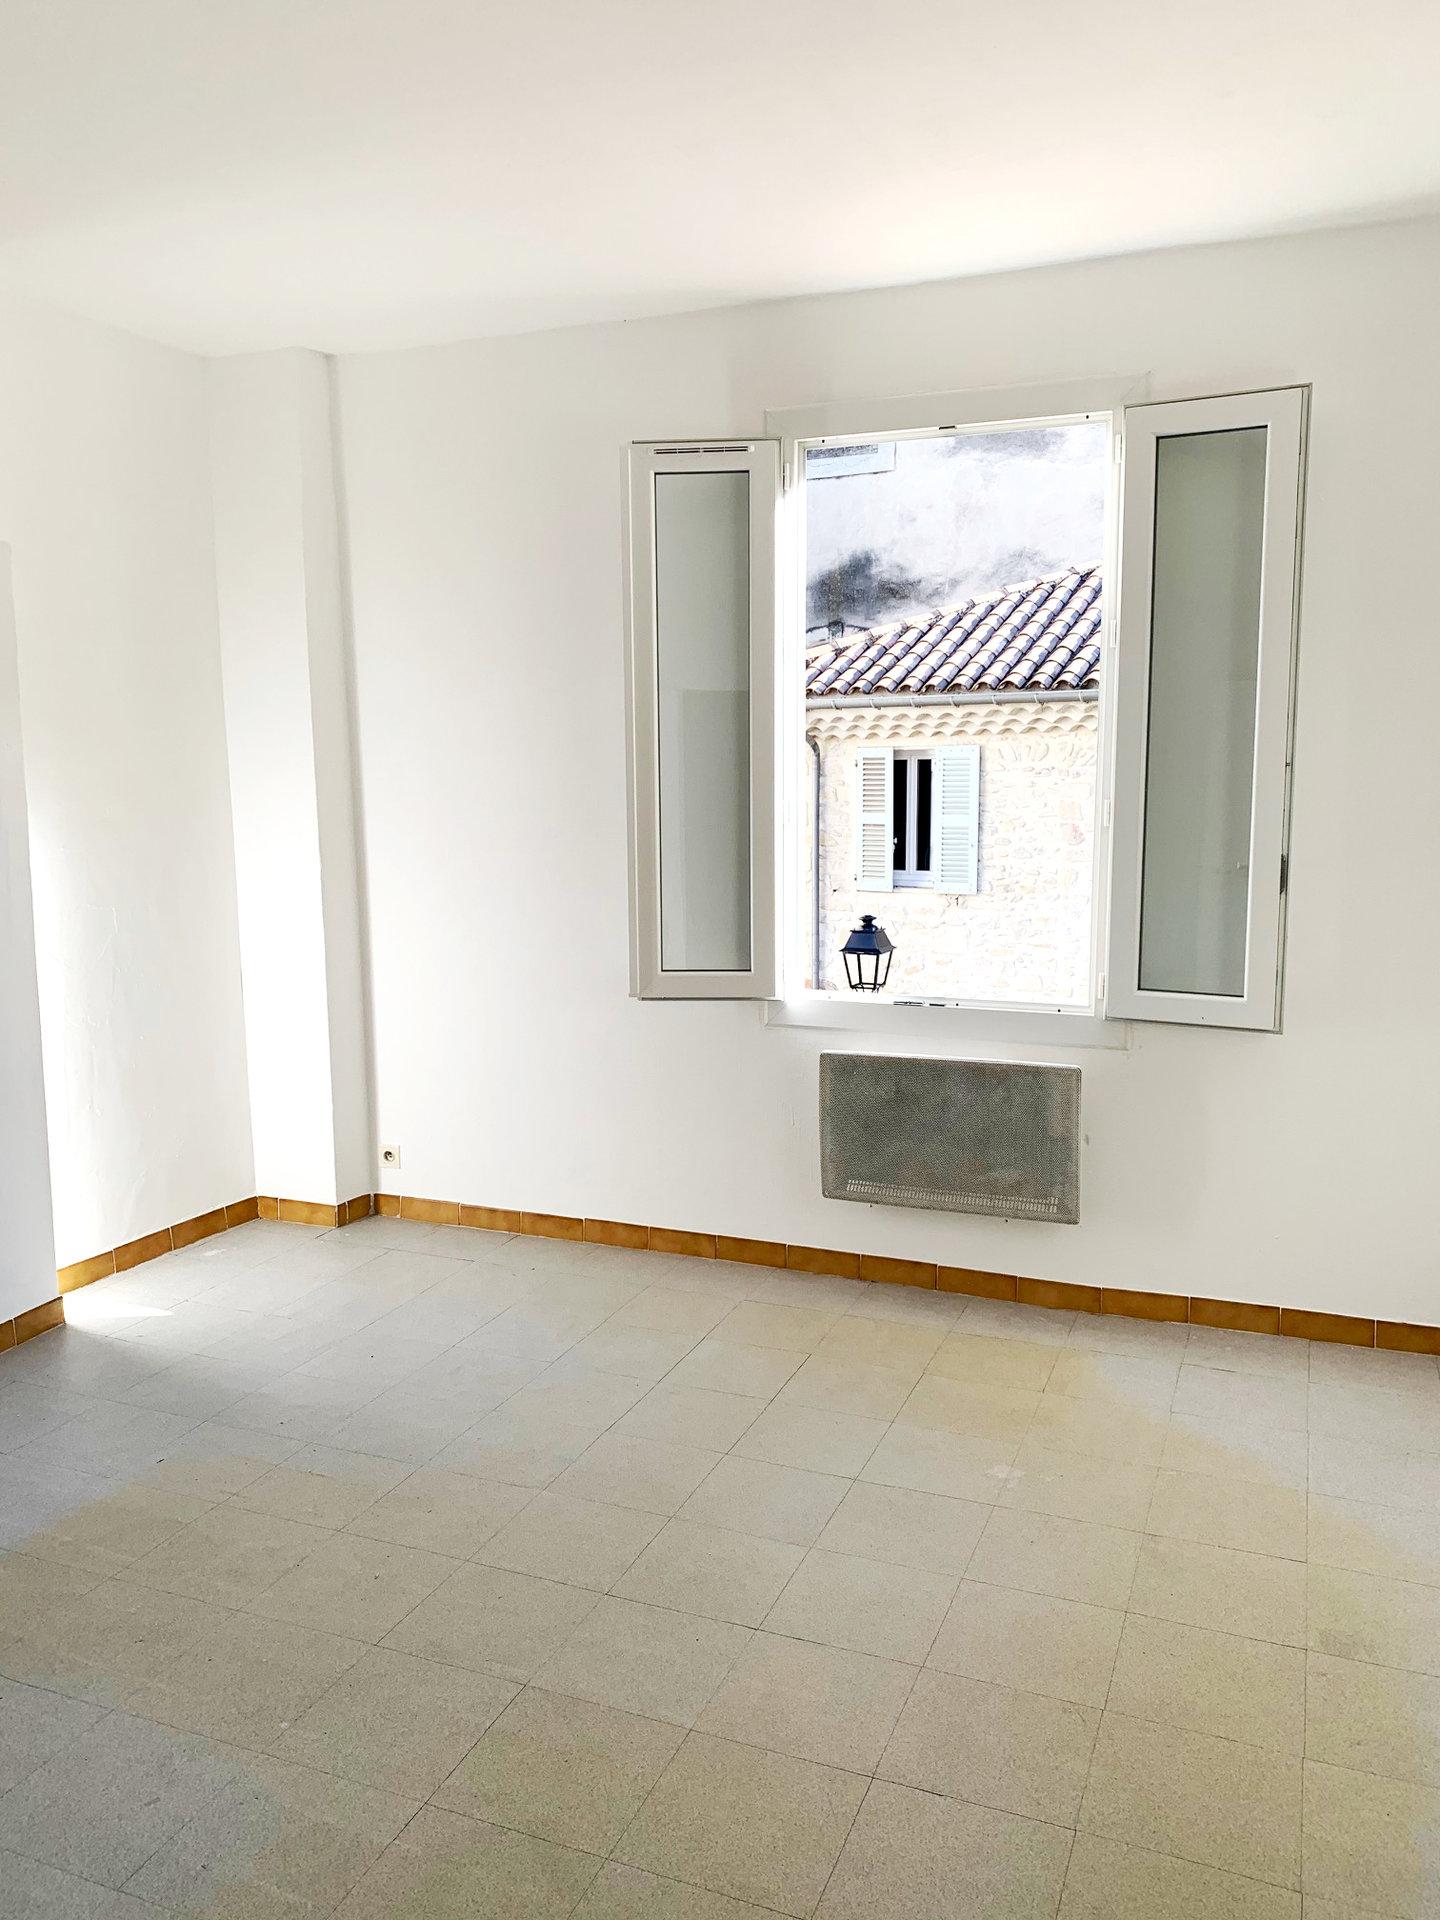 Vente Studio - Vaison-la-Romaine